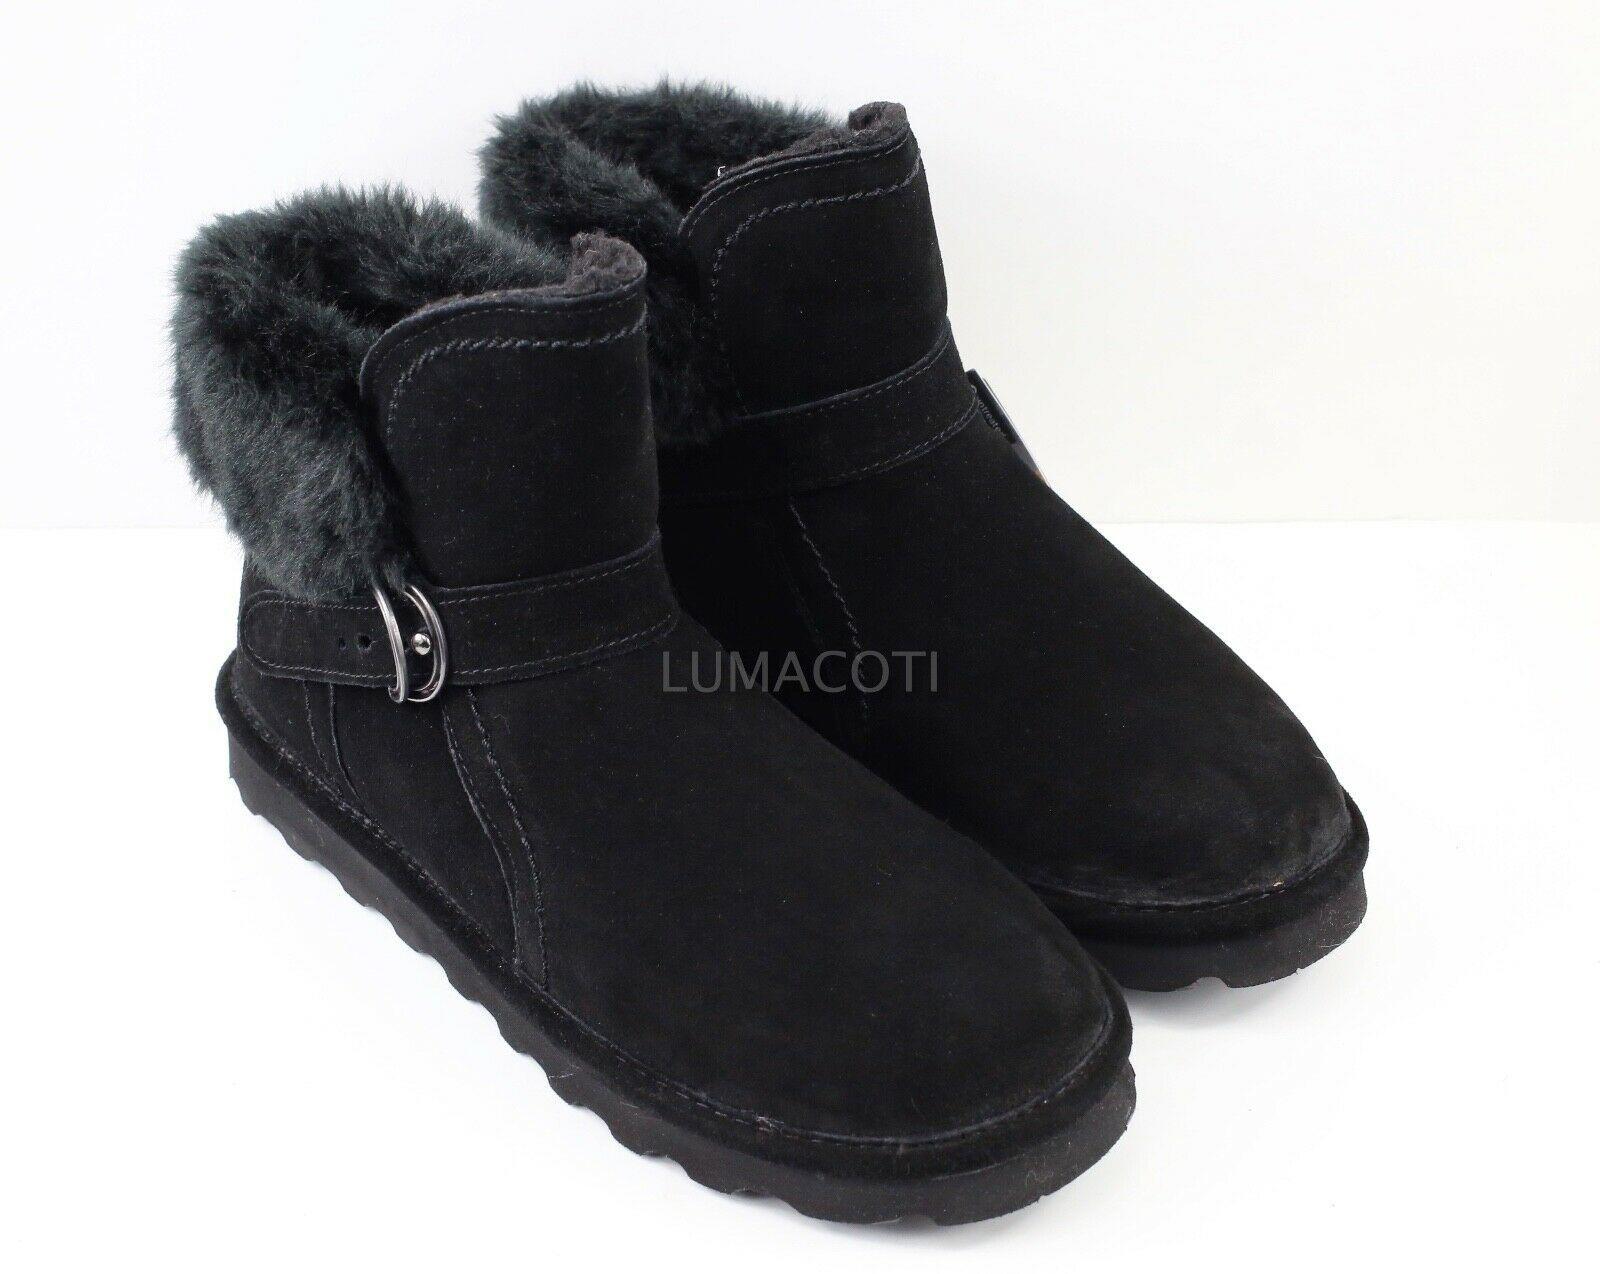 Womens Bearpaw Koko Winter Boots - Black Suede Size 11 [2012W/Black II]